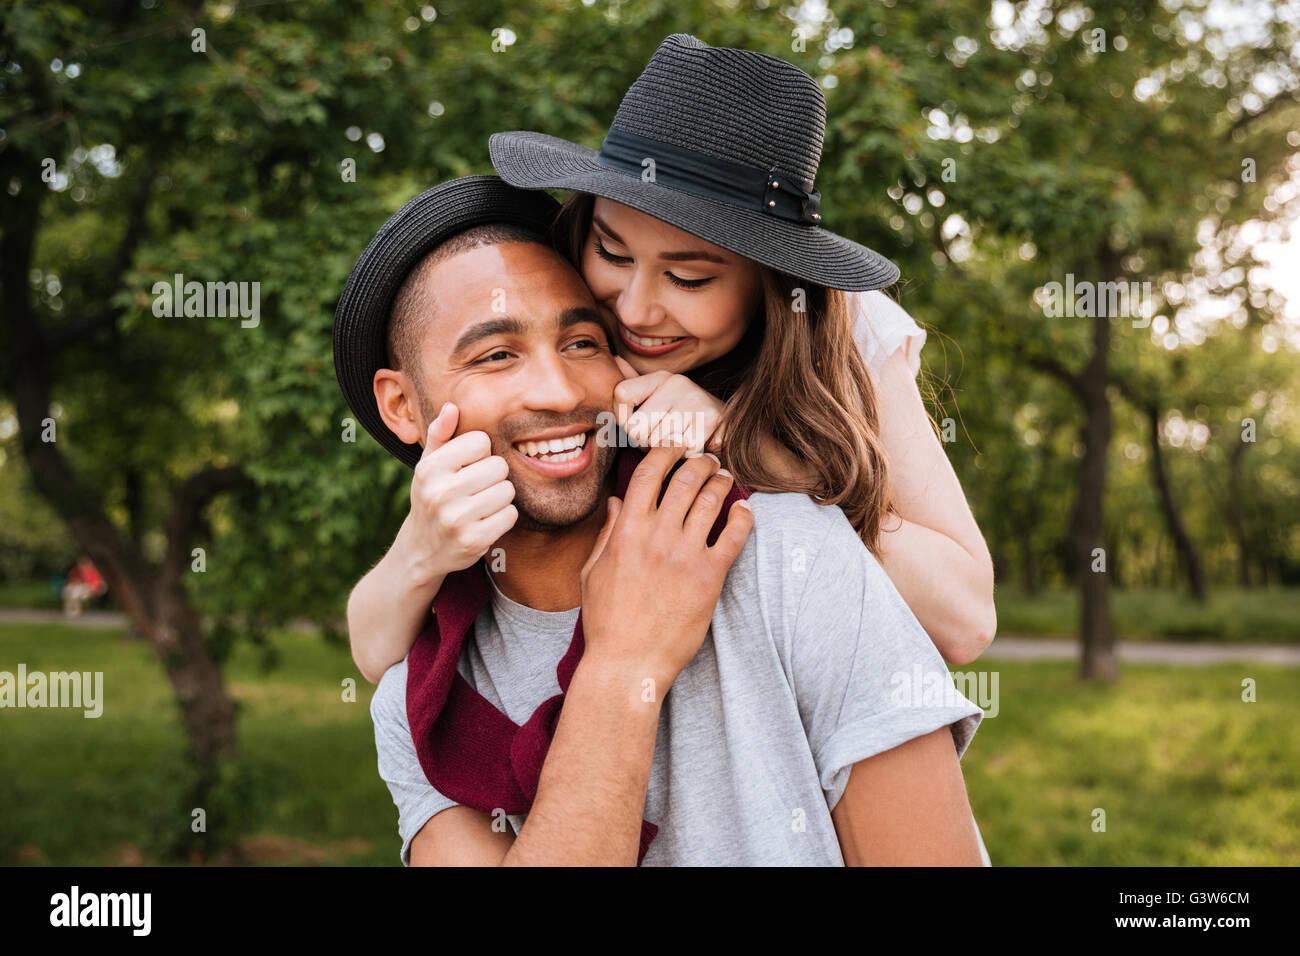 Lächelnde schöne junges Paar in Liebe Spaß im park Stockbild